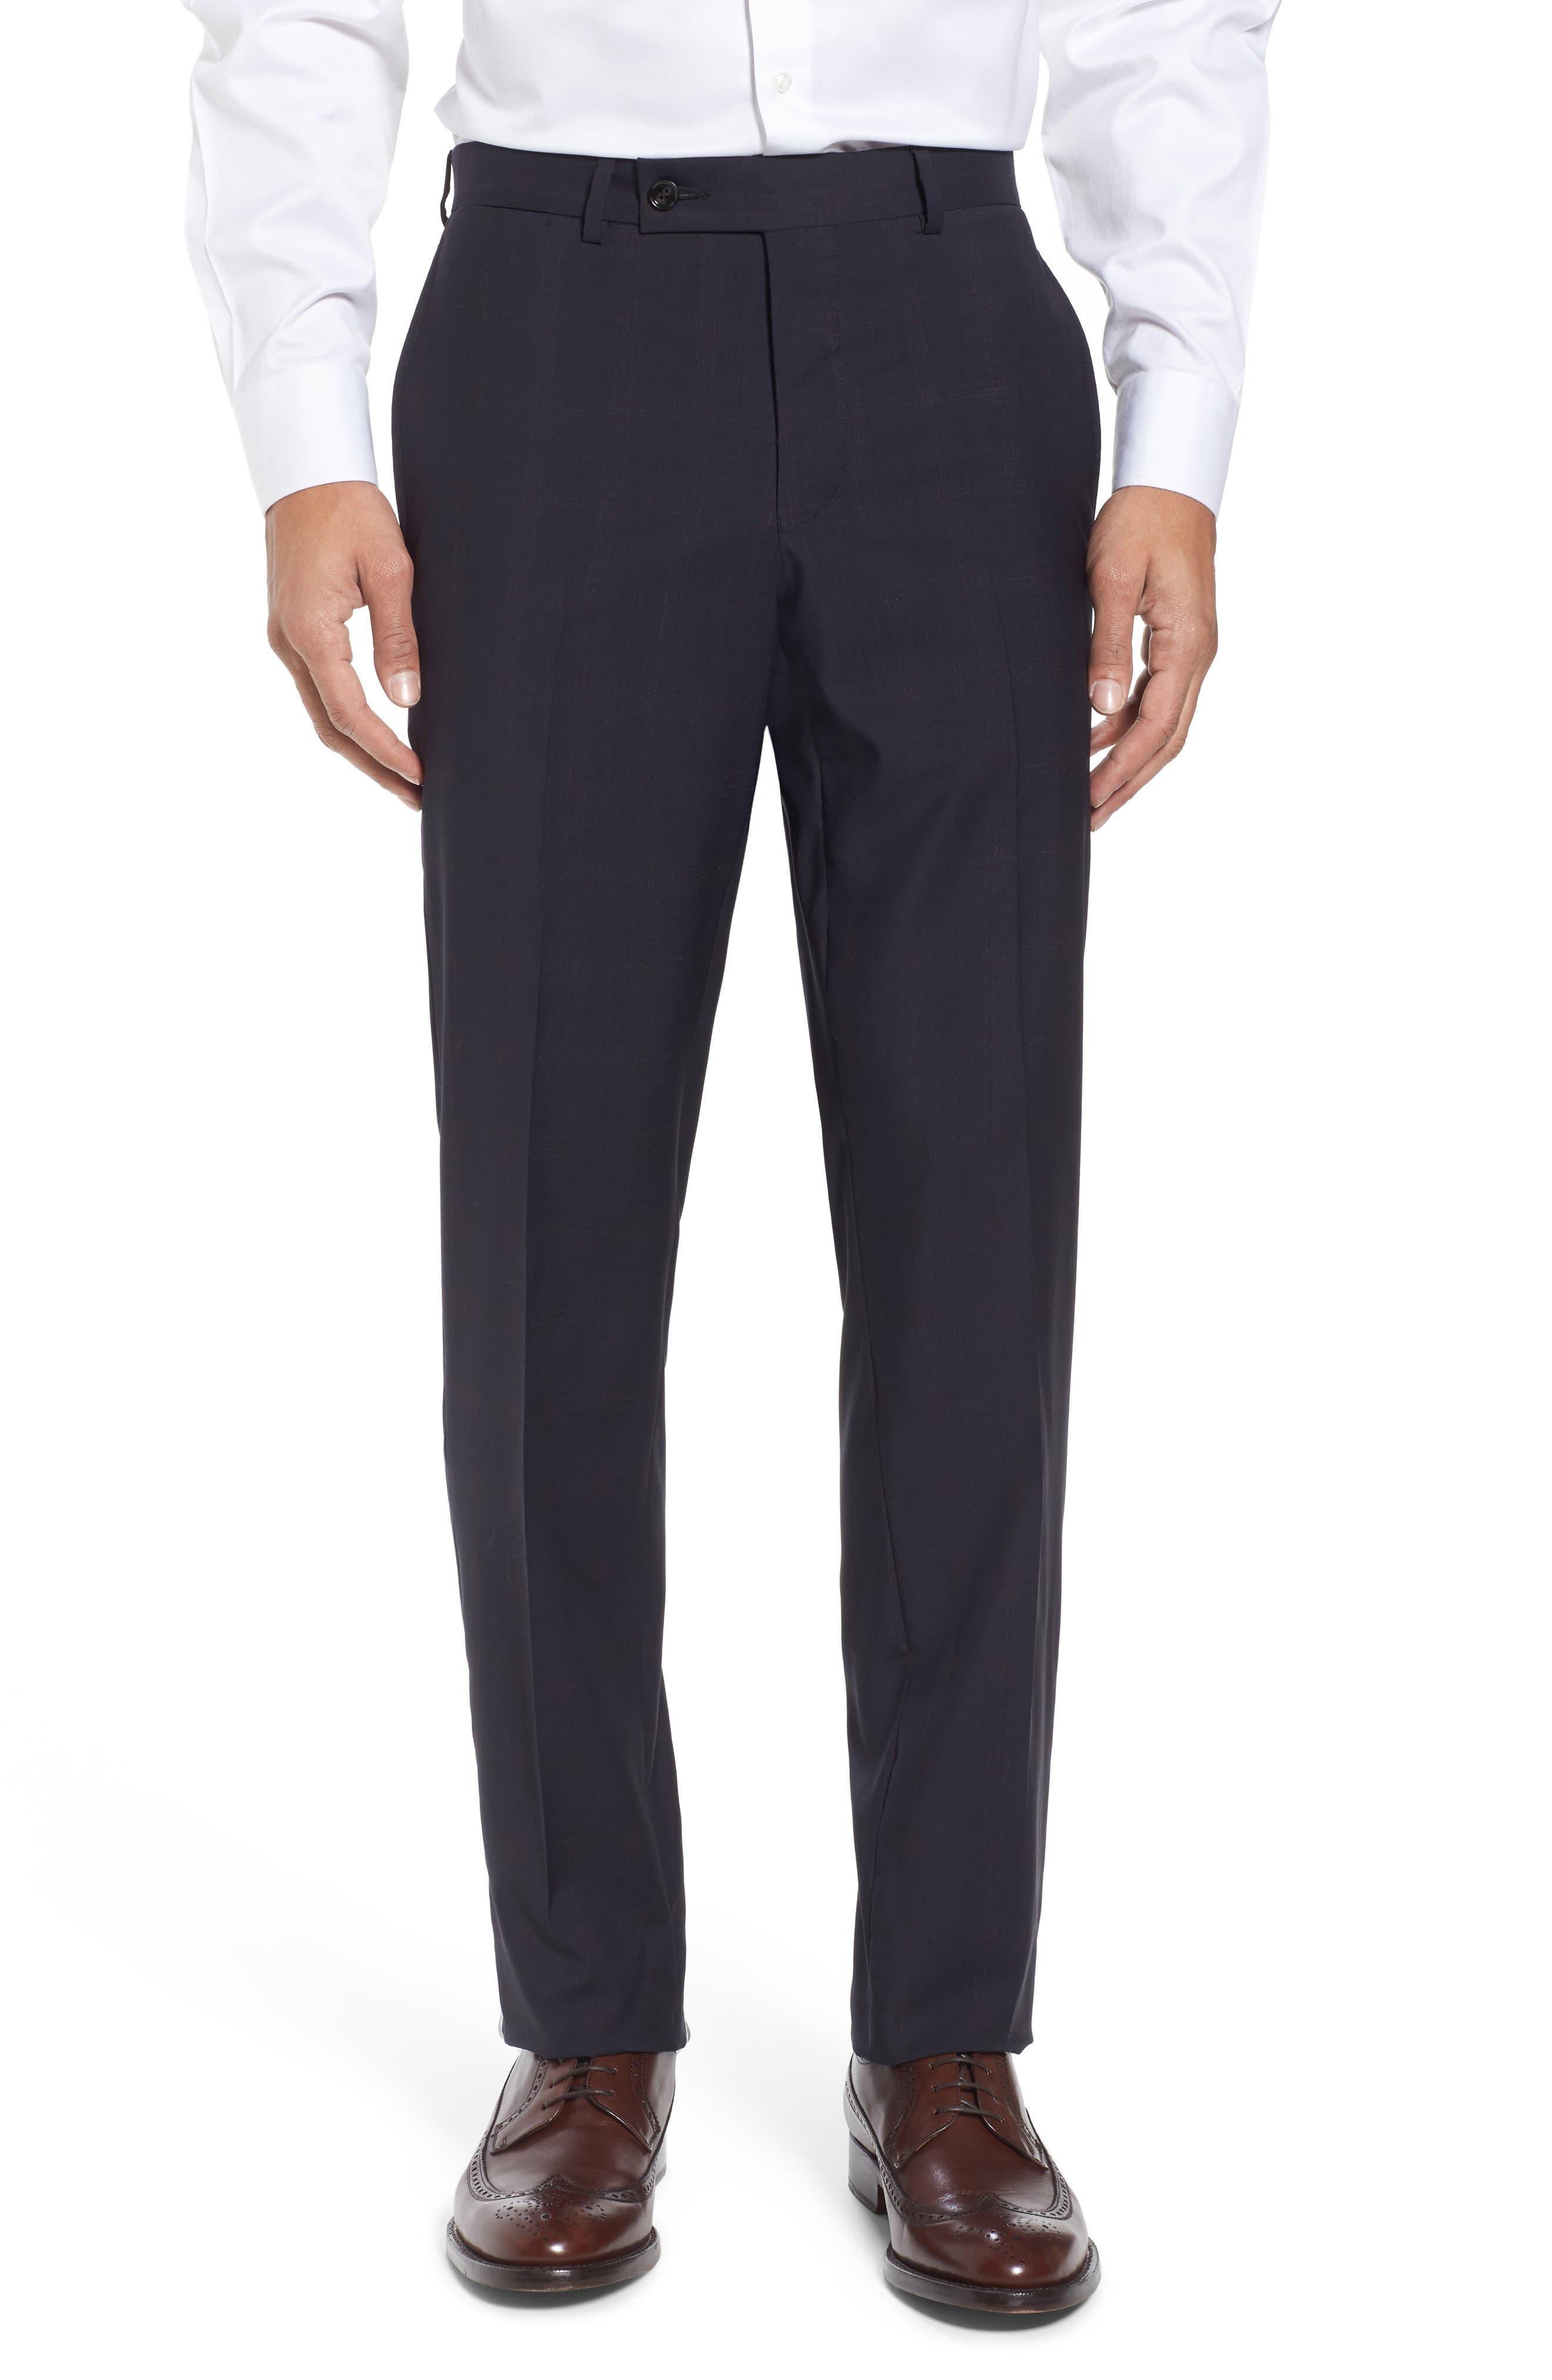 Jay Trim Fit Plaid Wool Suit,                             Alternate thumbnail 6, color,                             Black